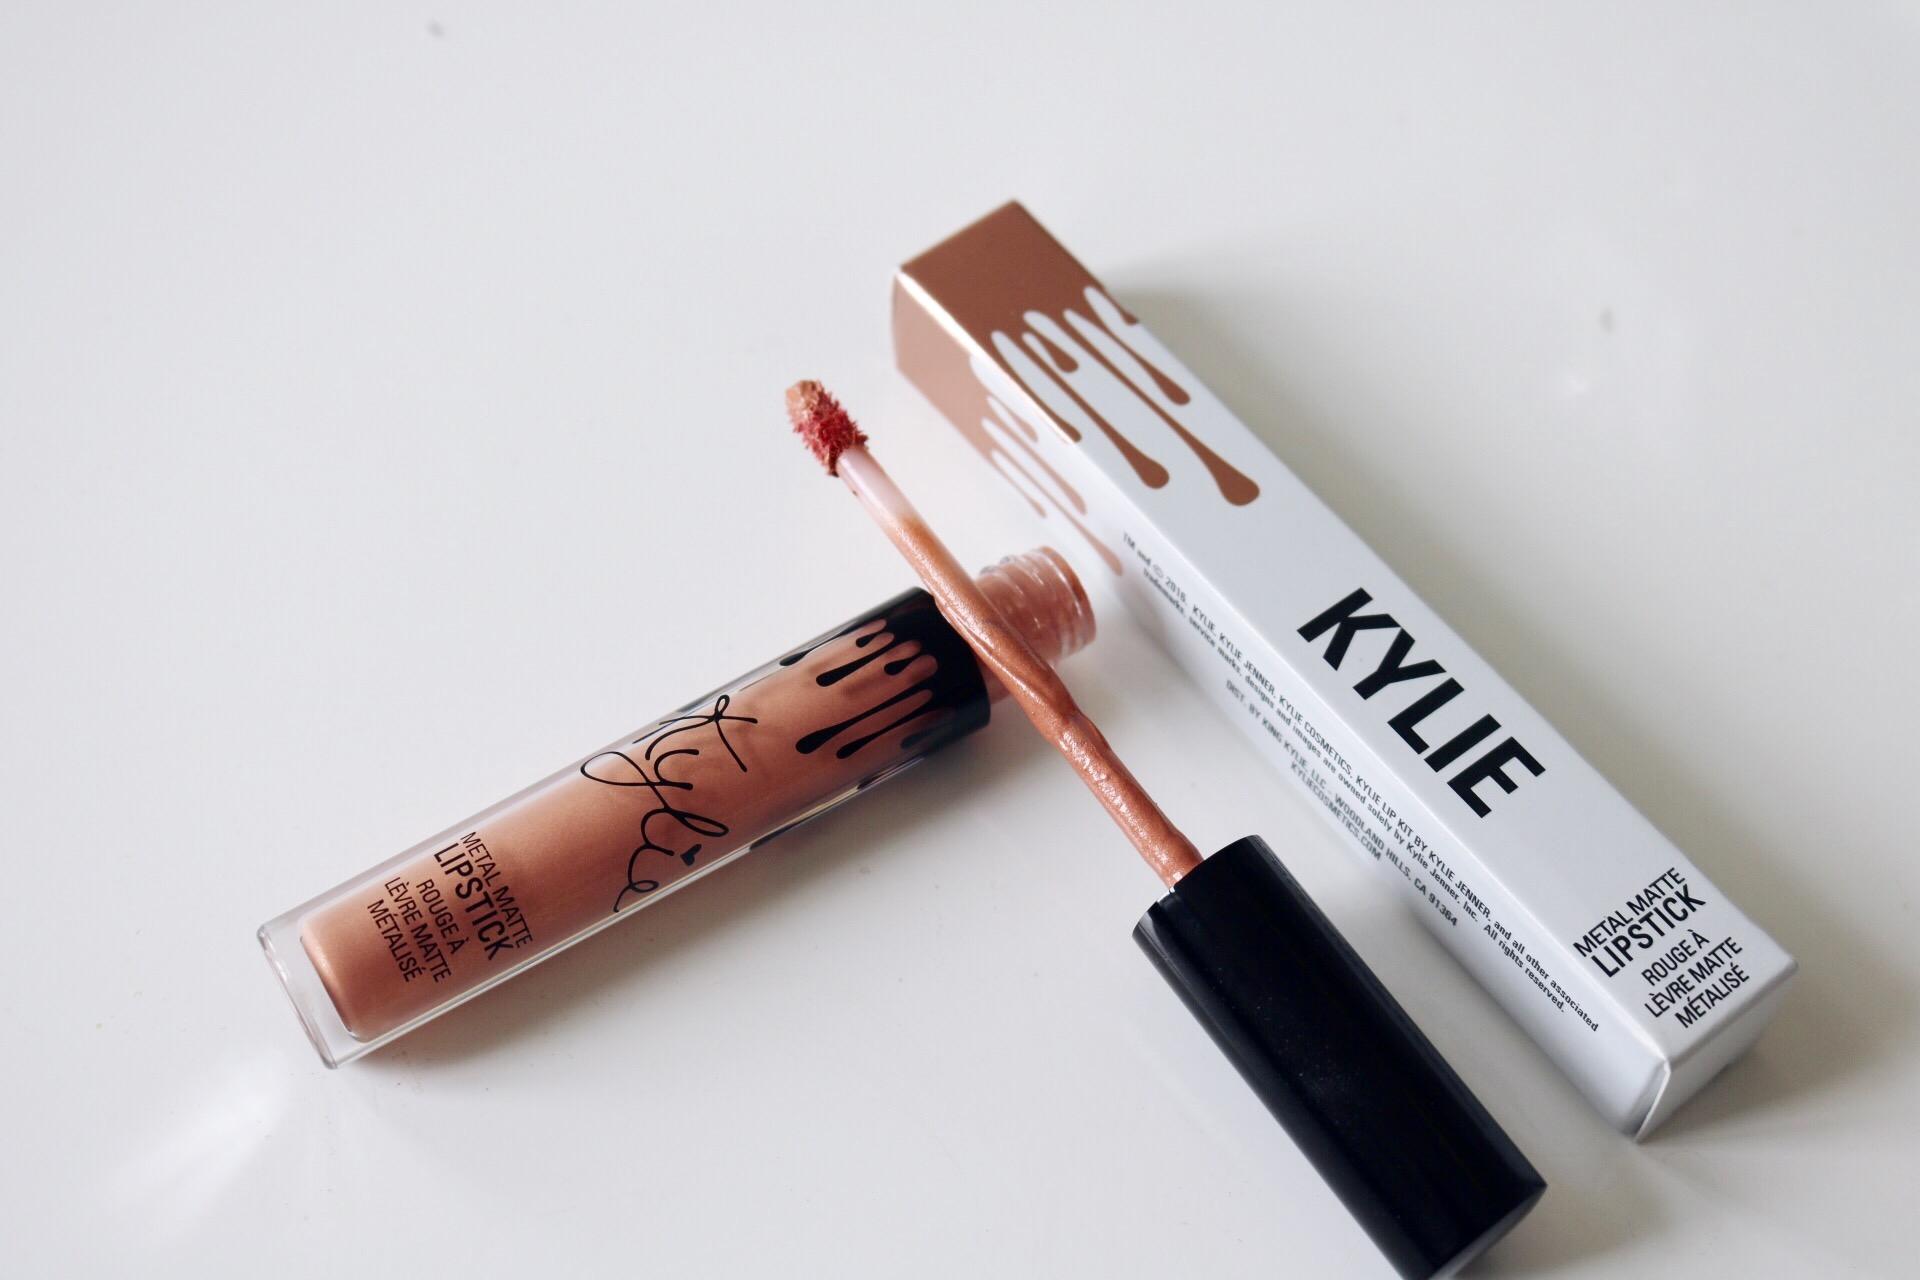 Kylie metal matte lipstick liquid heir swatch beställt sverige Kylie Jenner lips